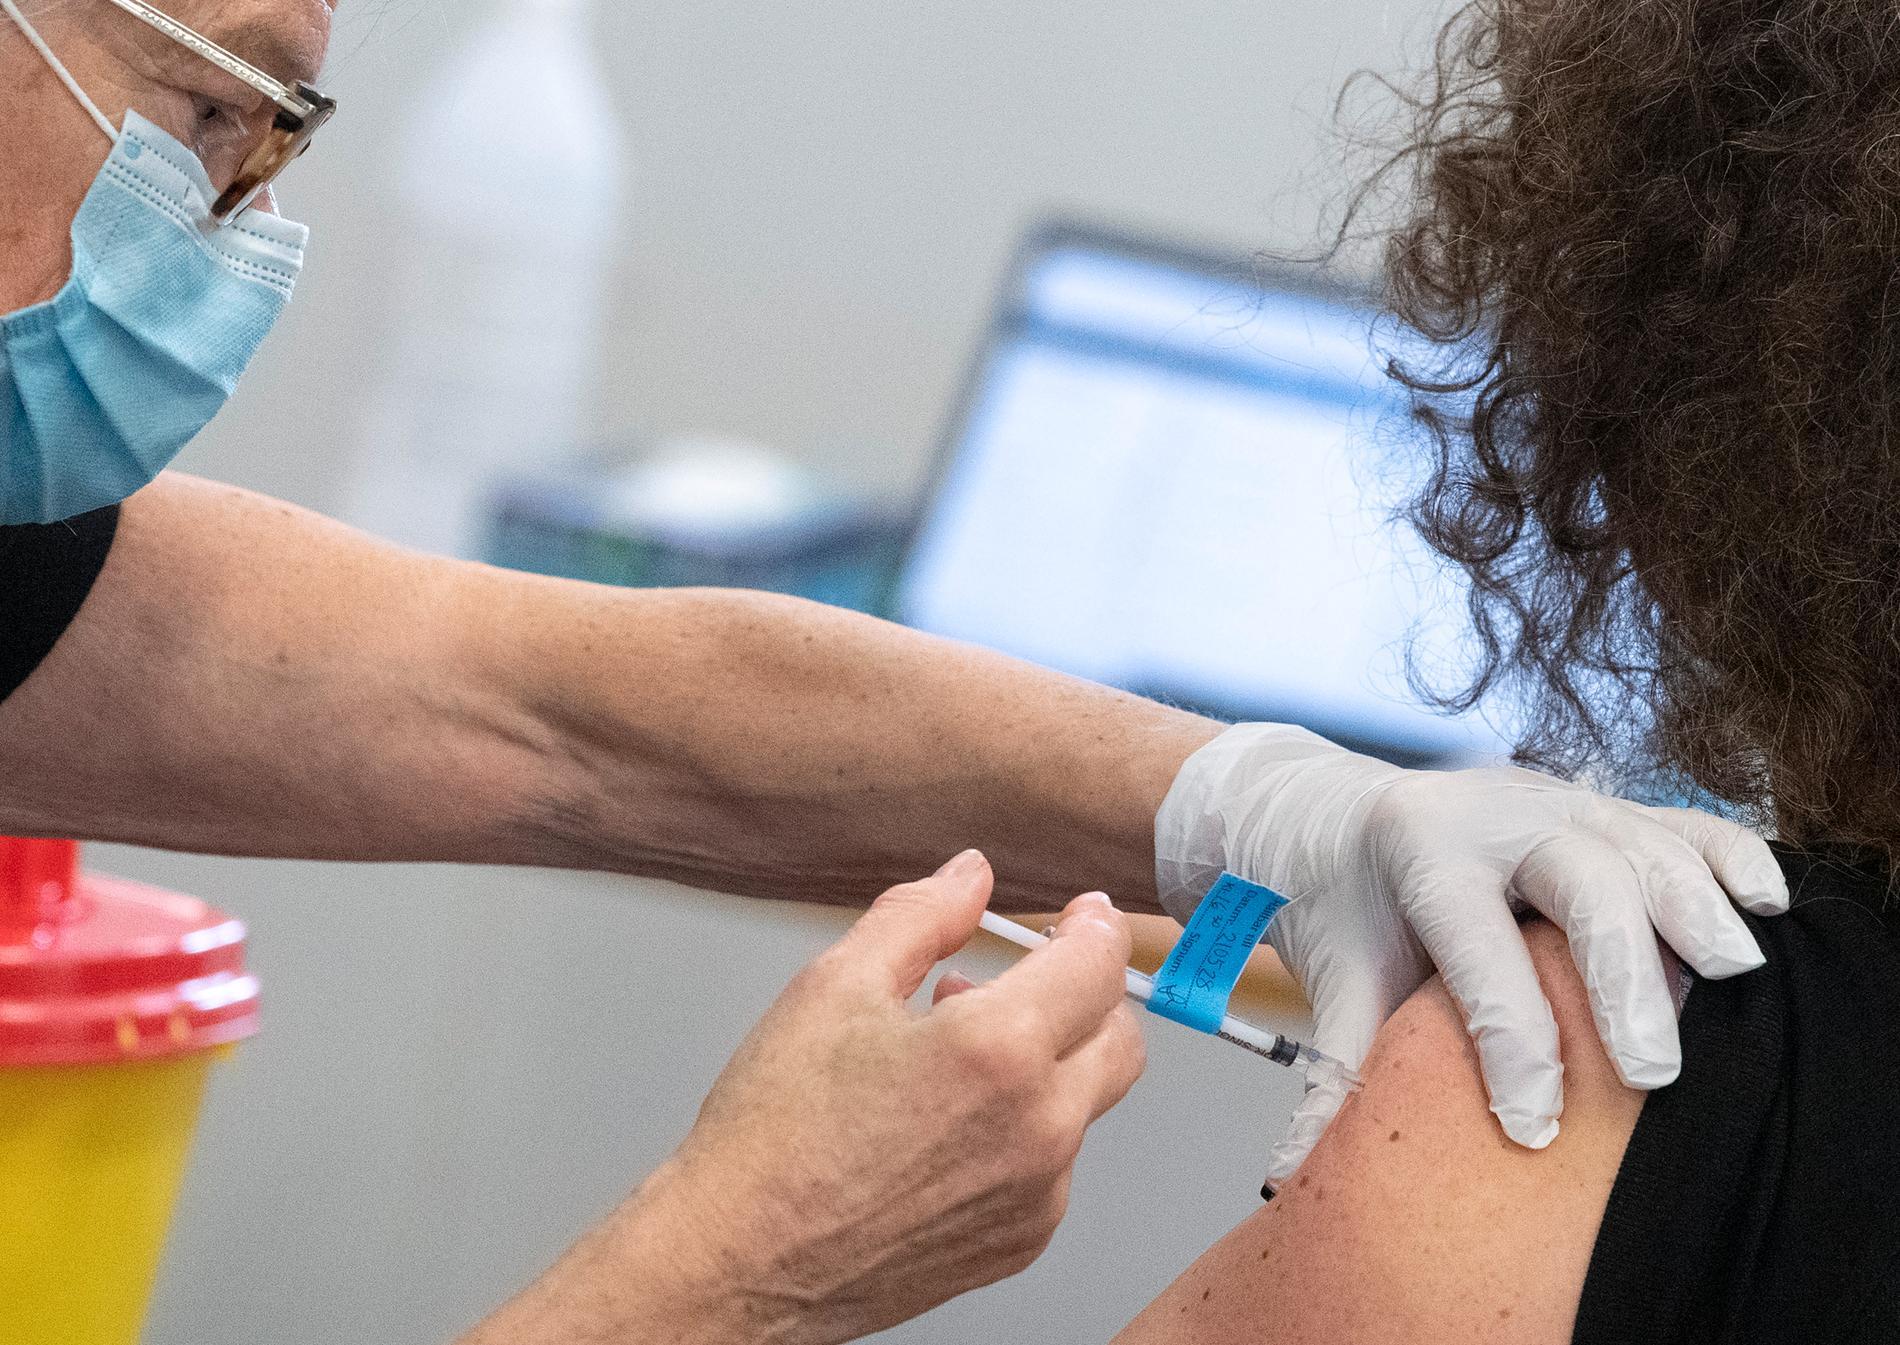 Läkemedelsverket har hittills granskat en tiondel av alla rapporter om biverkningar av covidvaccinet som kommit in. Arkivbild.